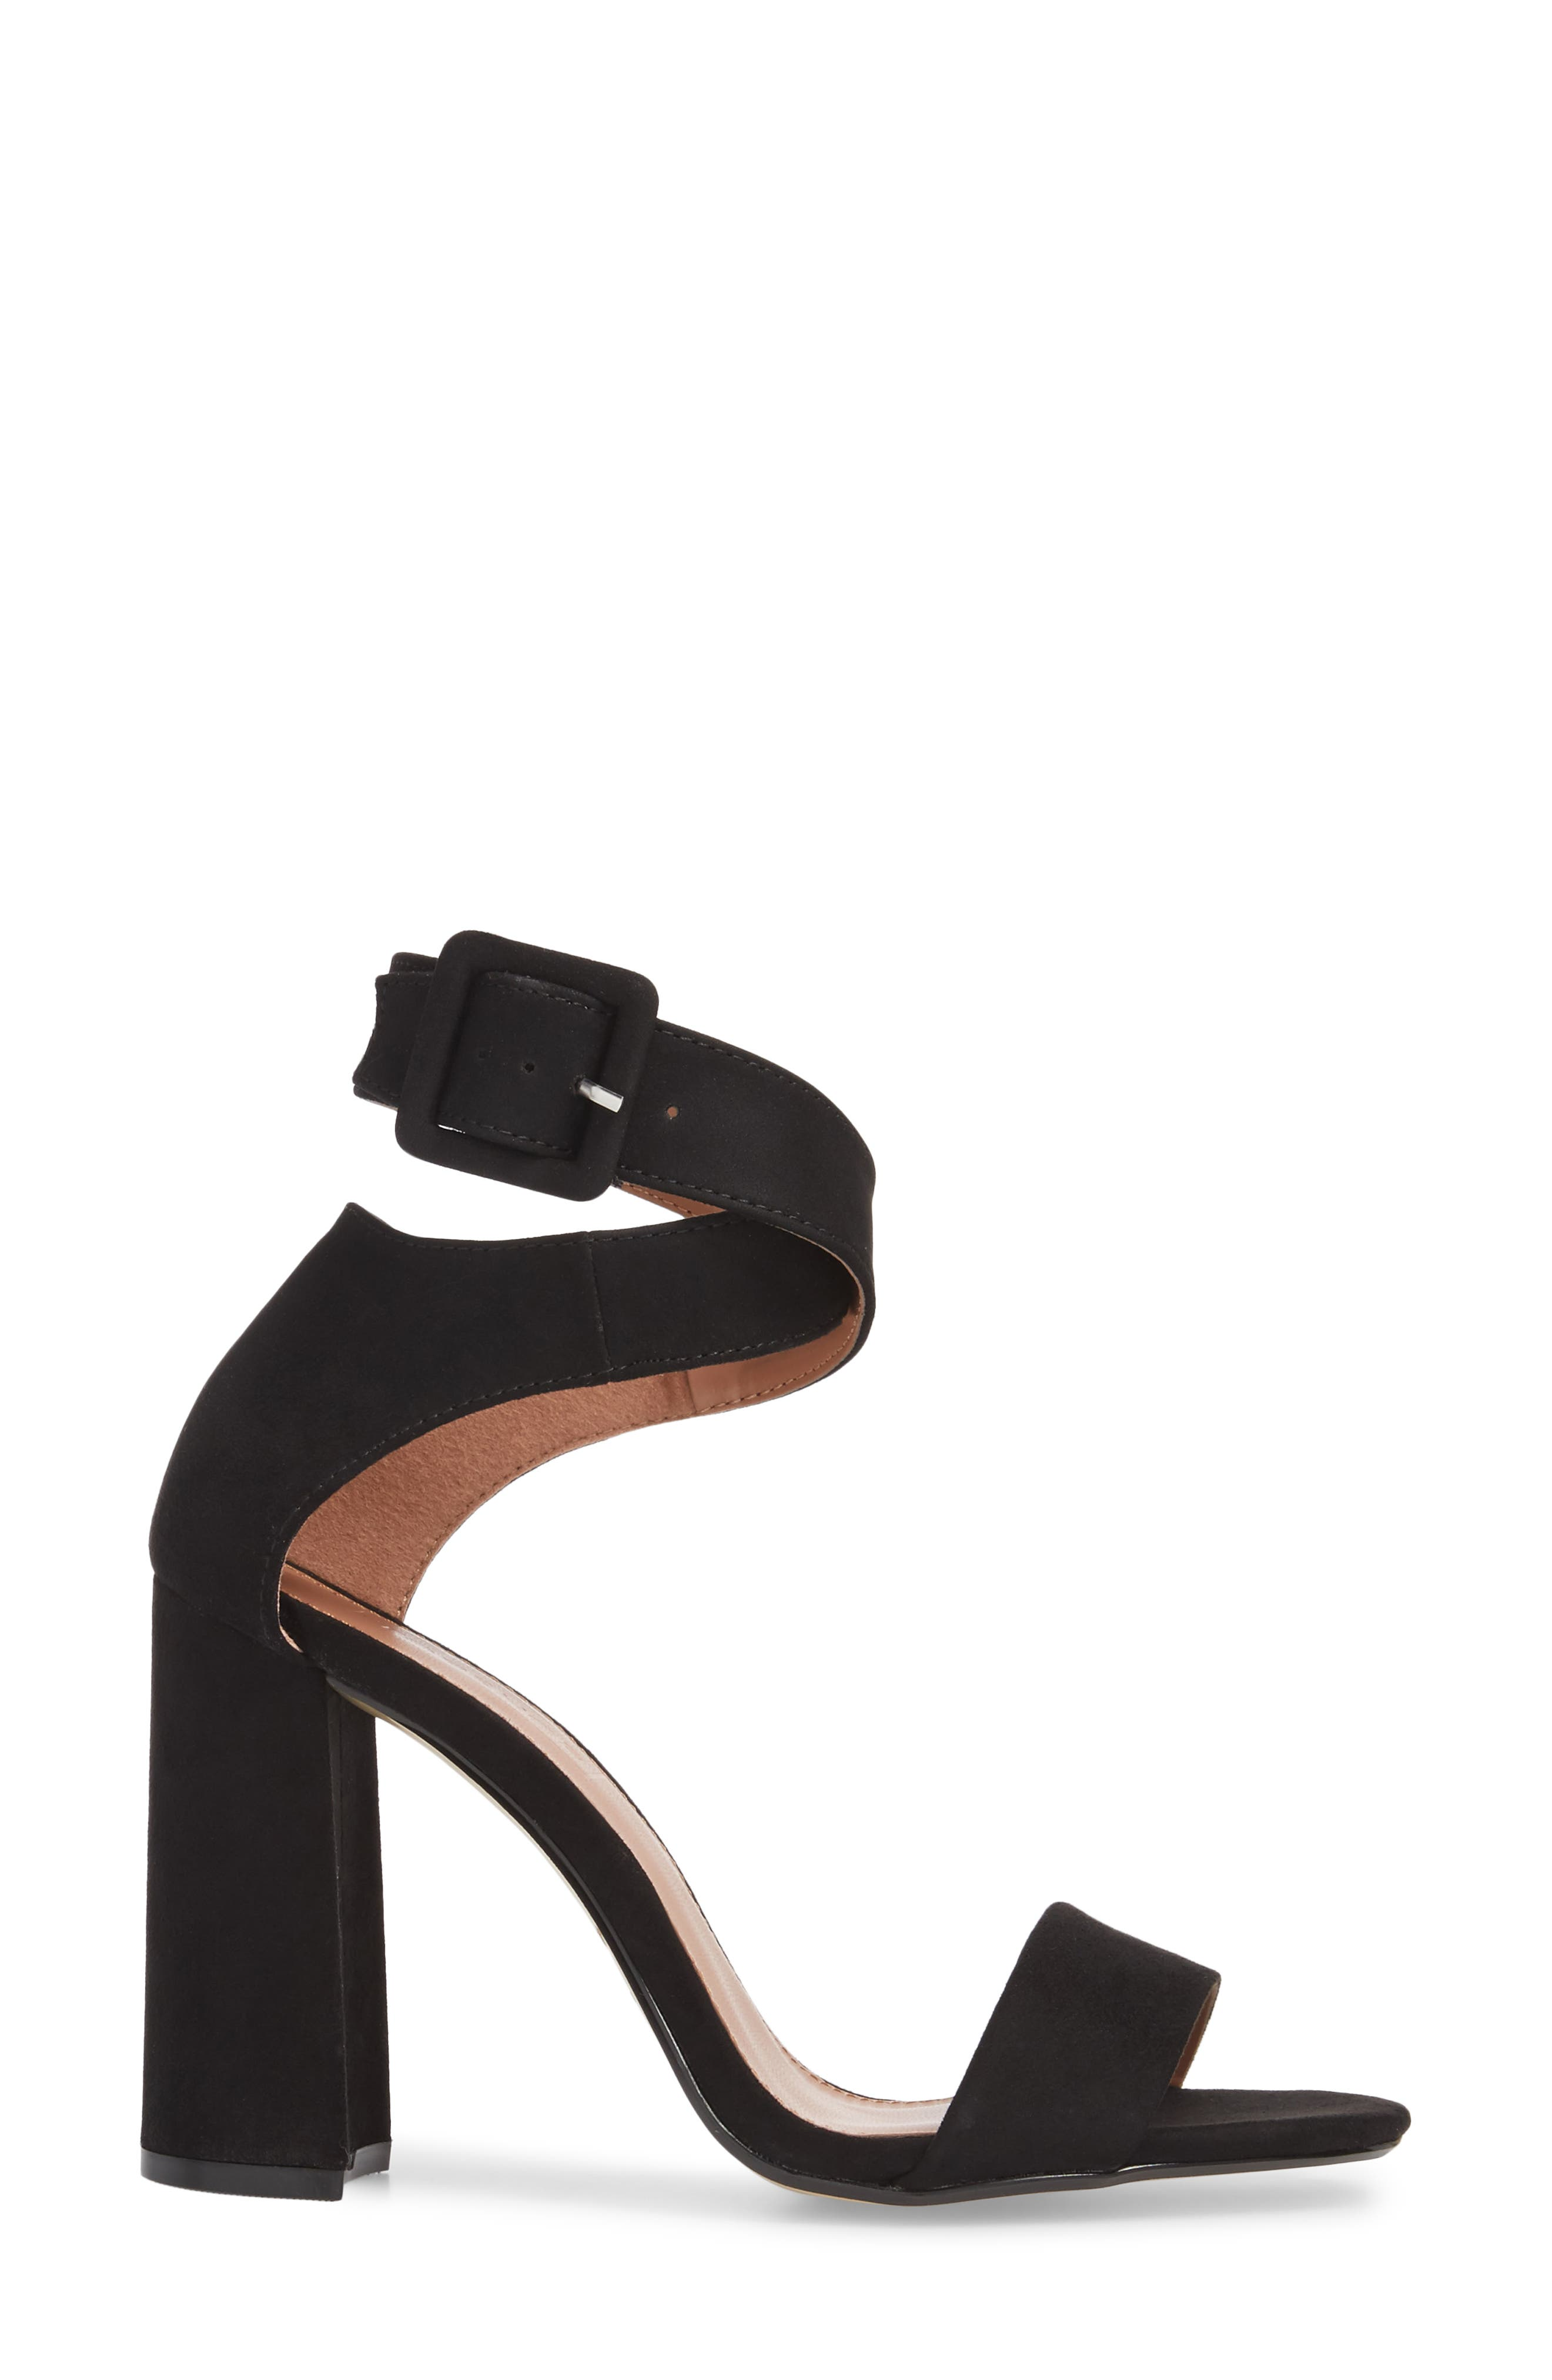 Sinitta Crossover Sandal,                             Alternate thumbnail 3, color,                             Black